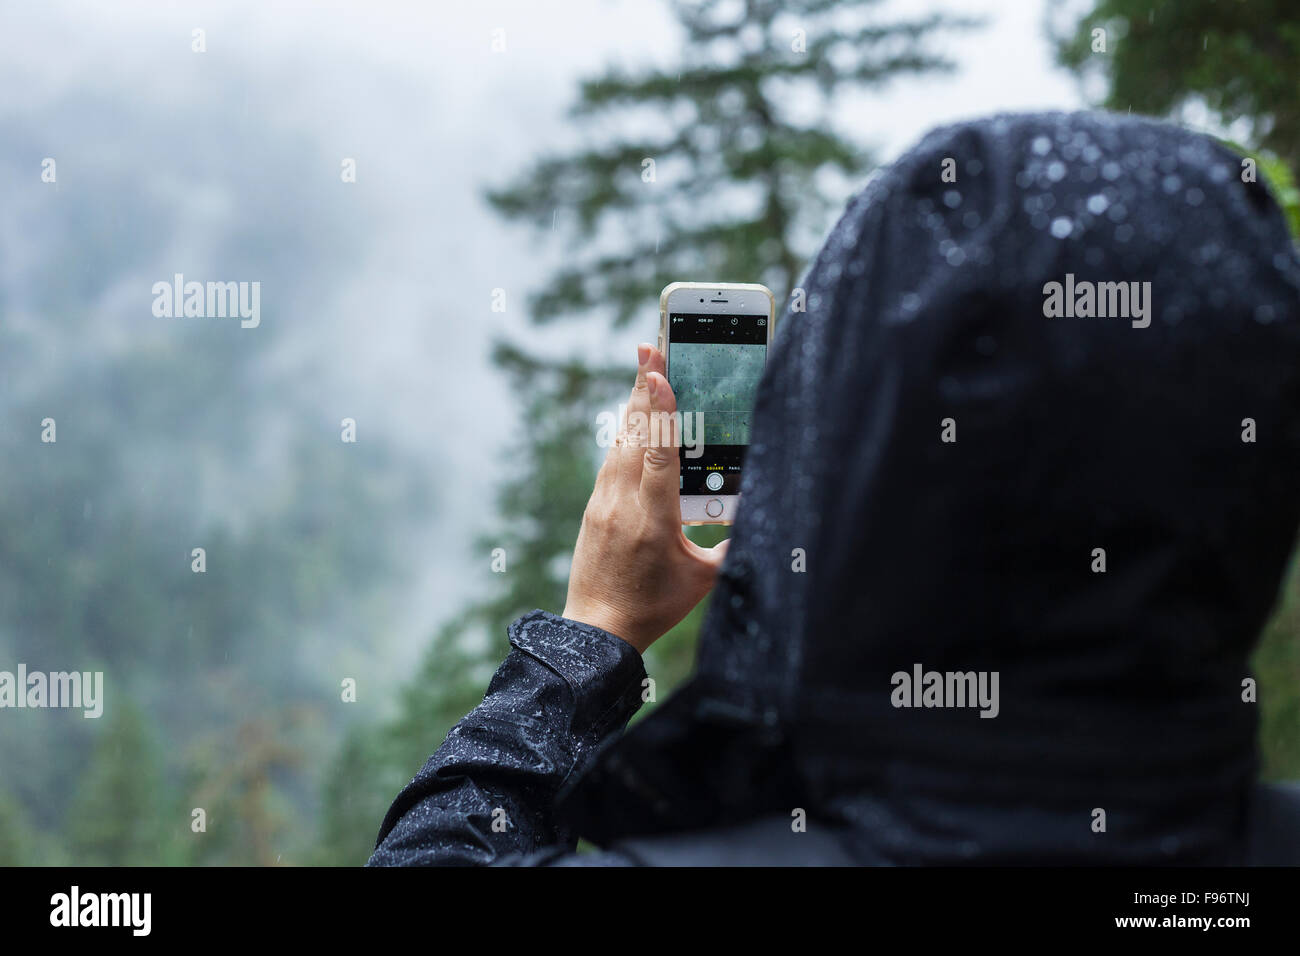 Frau Foto, im Regen, BC, Kanada Stockbild